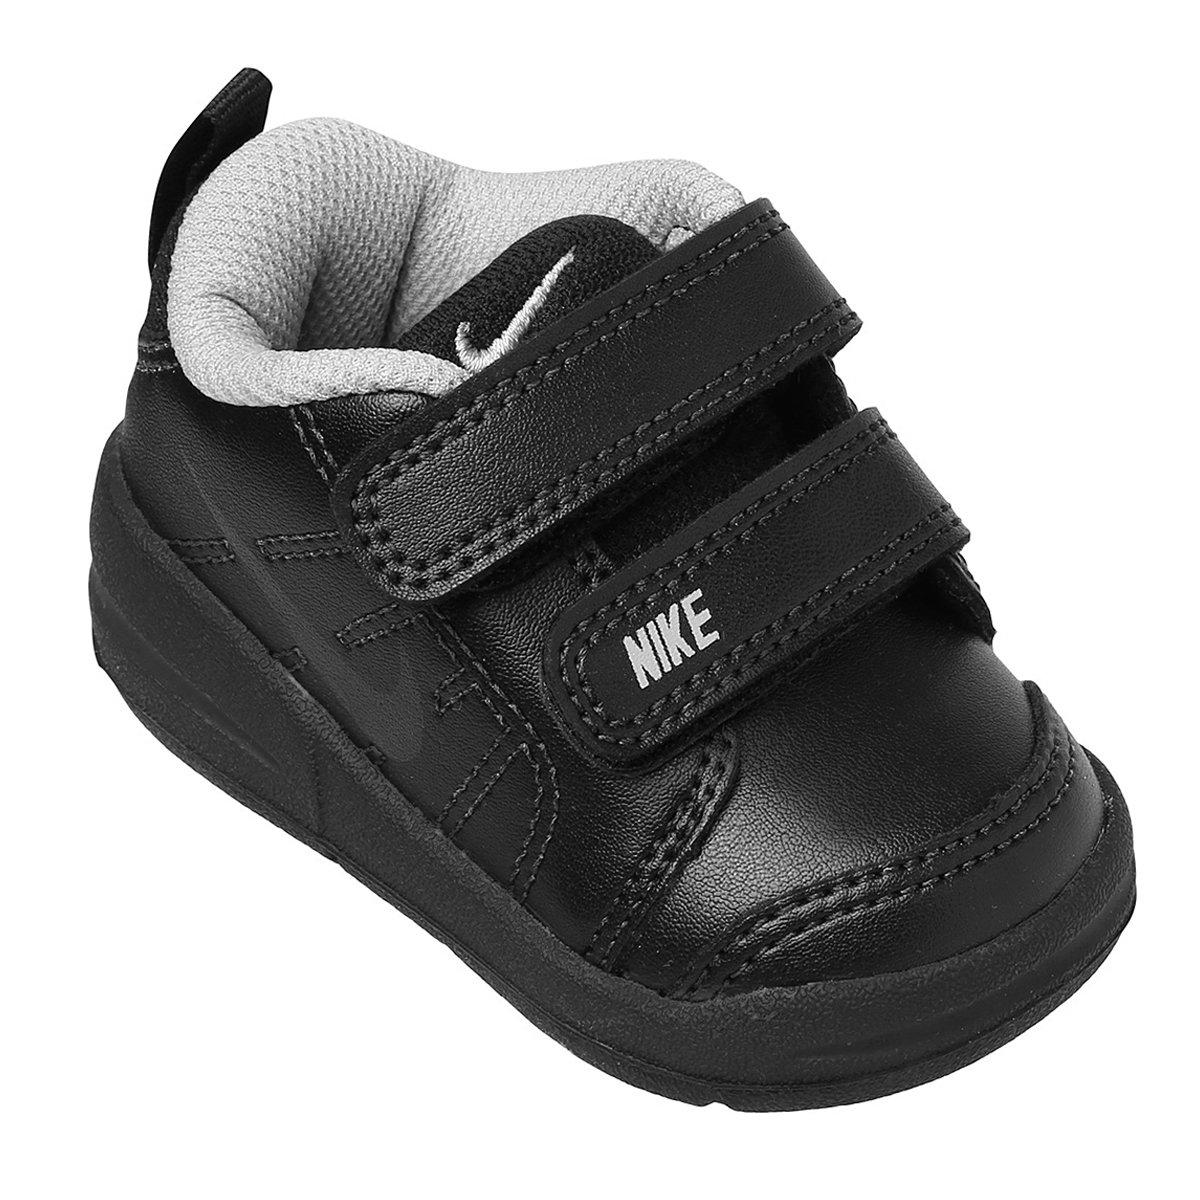 8e0e2becfd6 Tênis Infantil Nike Pico Lt Masculino - Preto e Cinza - Compre Agora ...